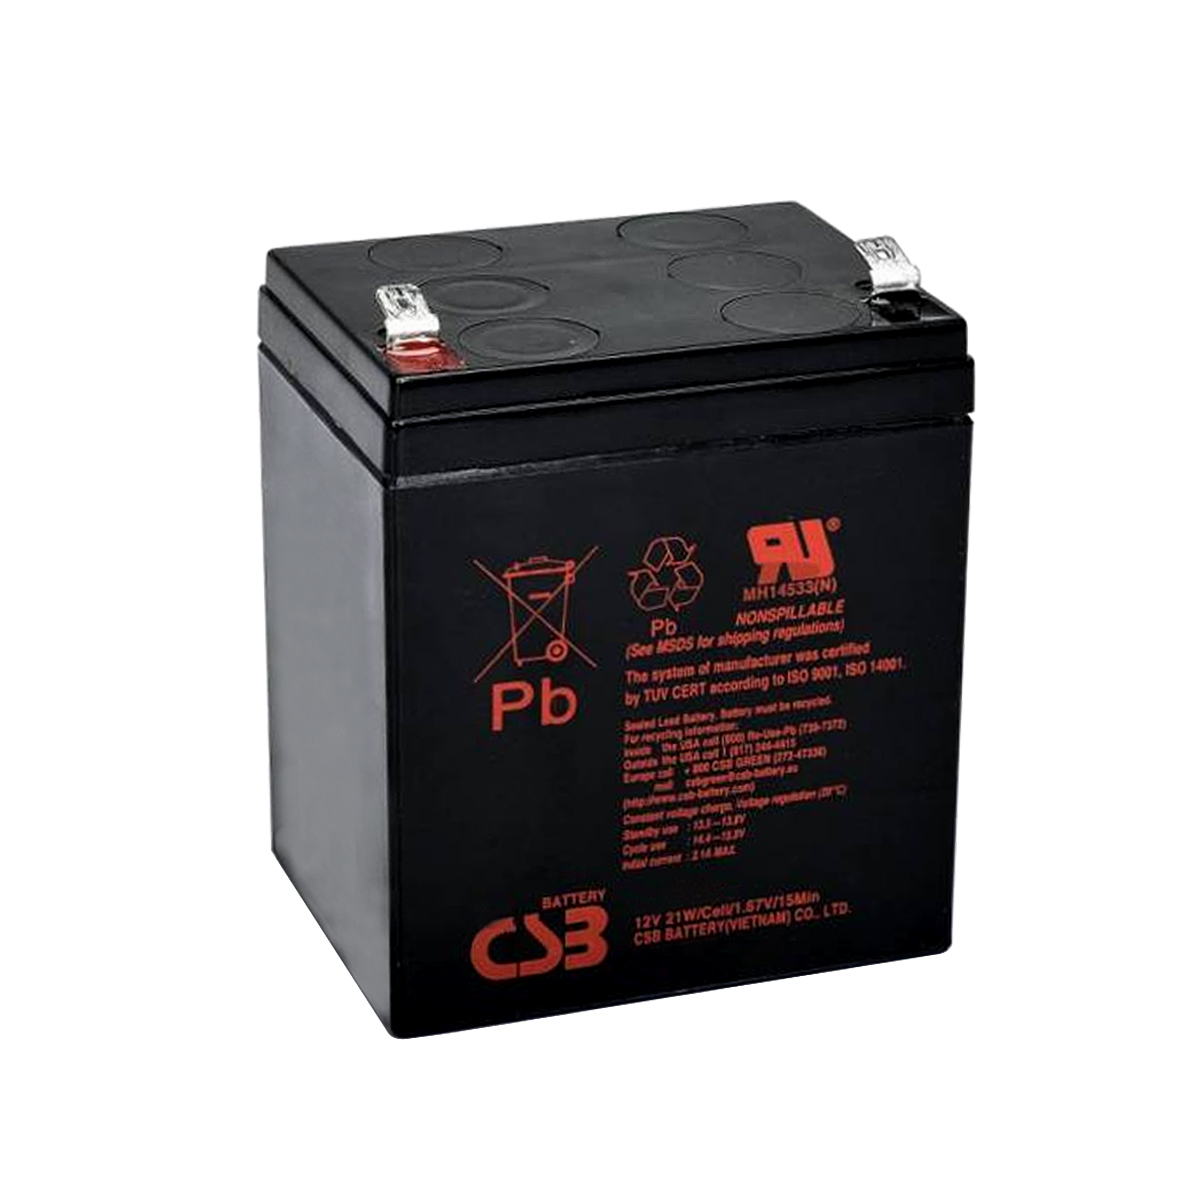 5pcs Bateria 12v 5ah Csb No Break Apc Sms Hr1221w Original